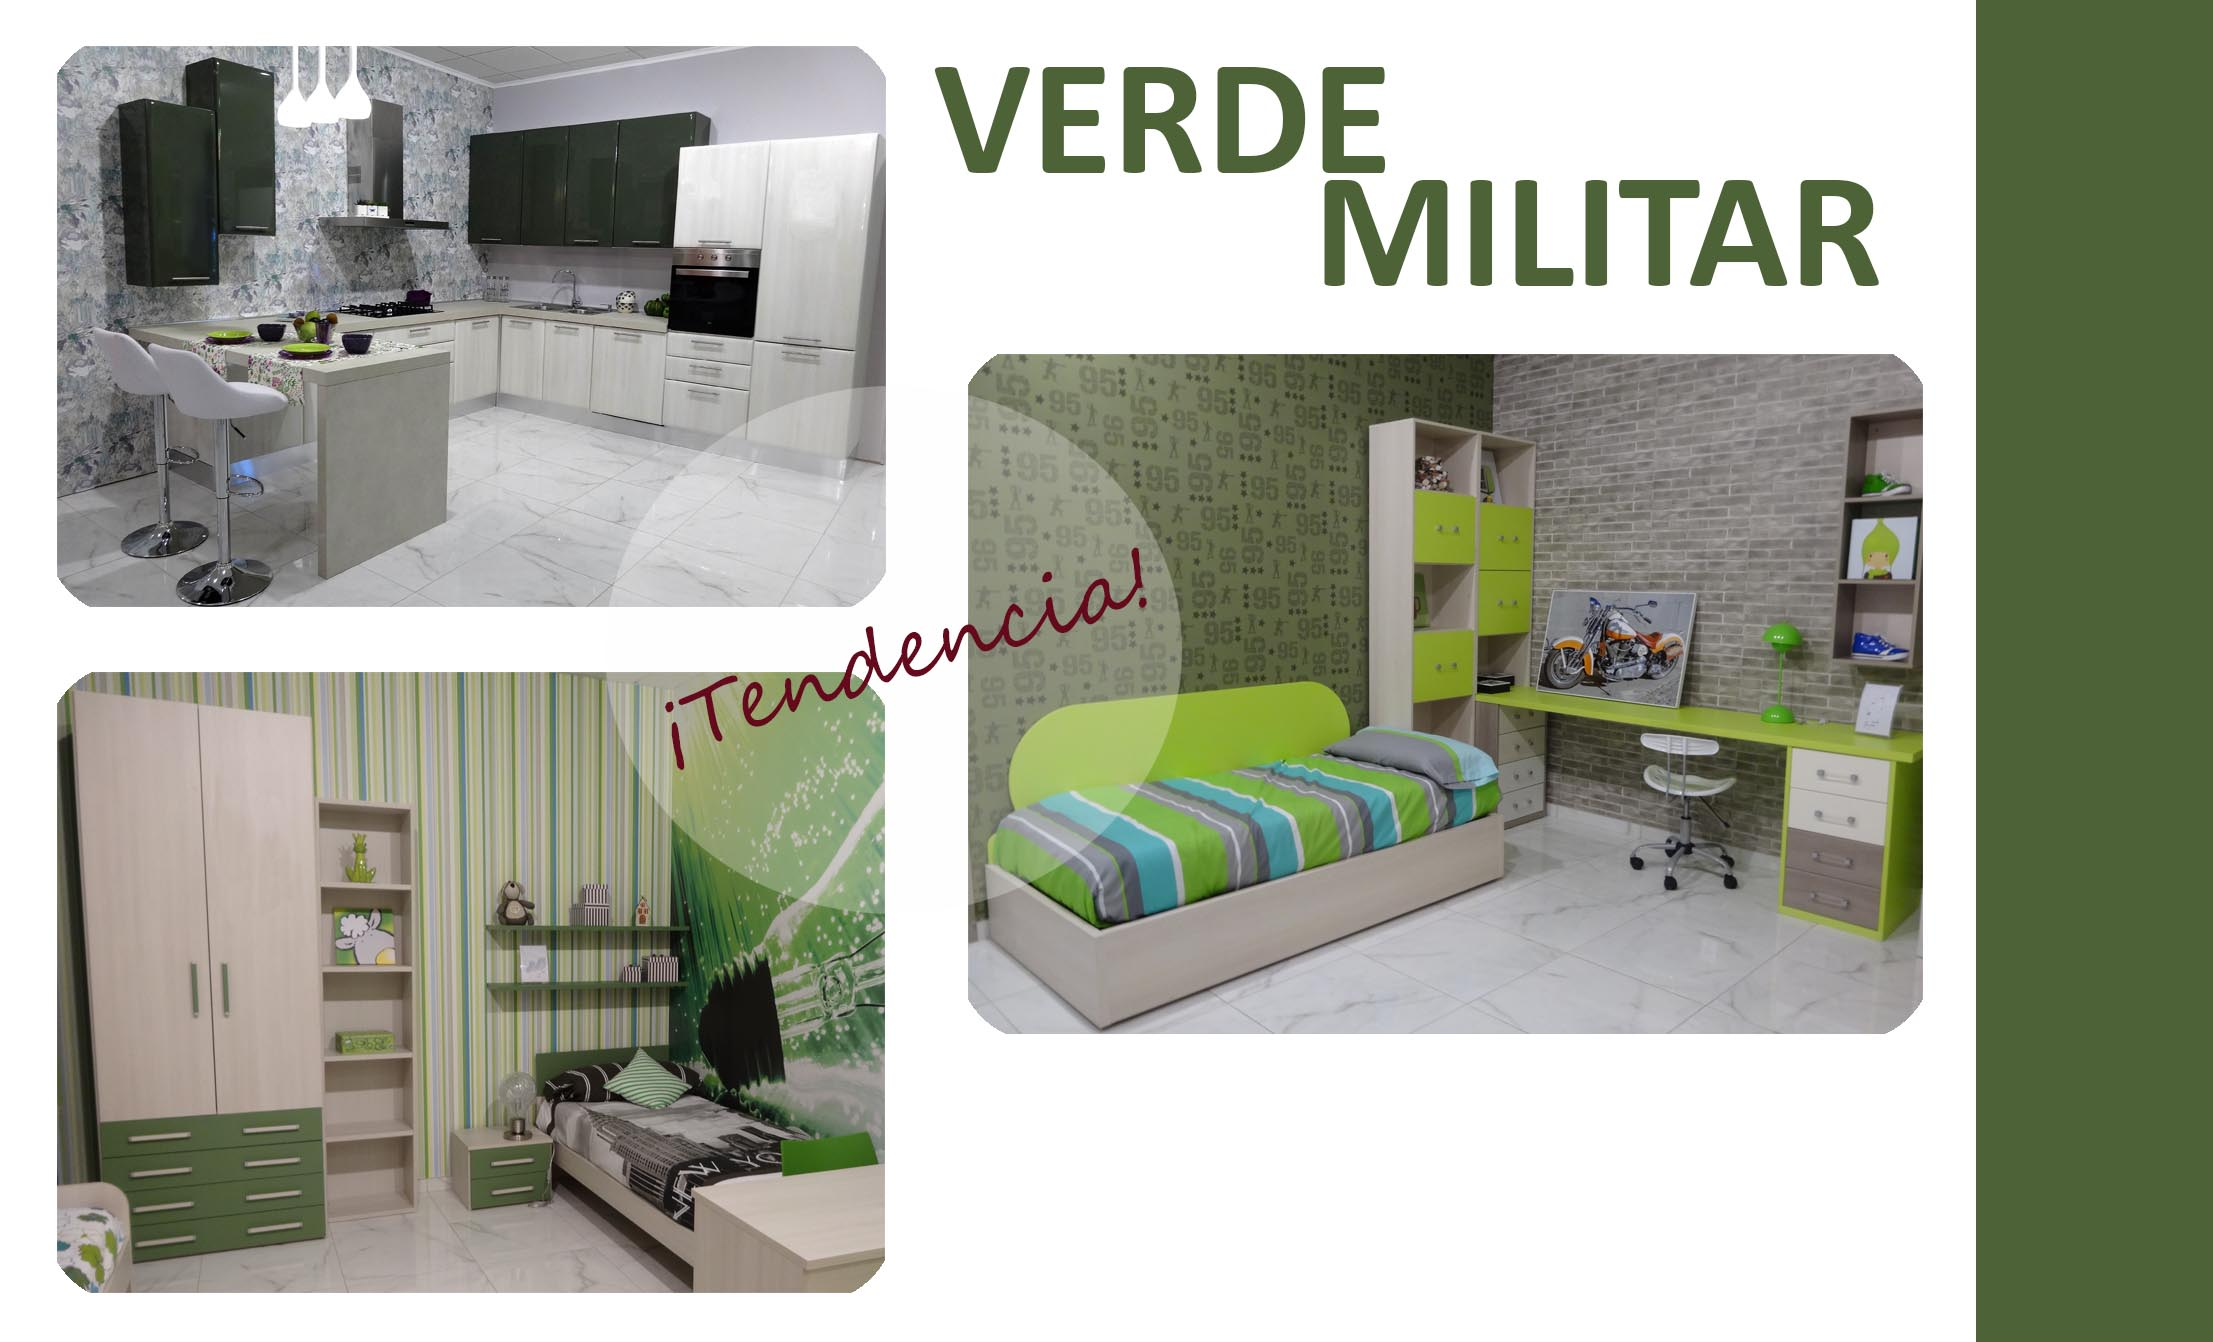 Tendencia Decorando con verde militar  Blog Con Ideas de Decoracion  Ideas para Decorar  Tendencias Colores